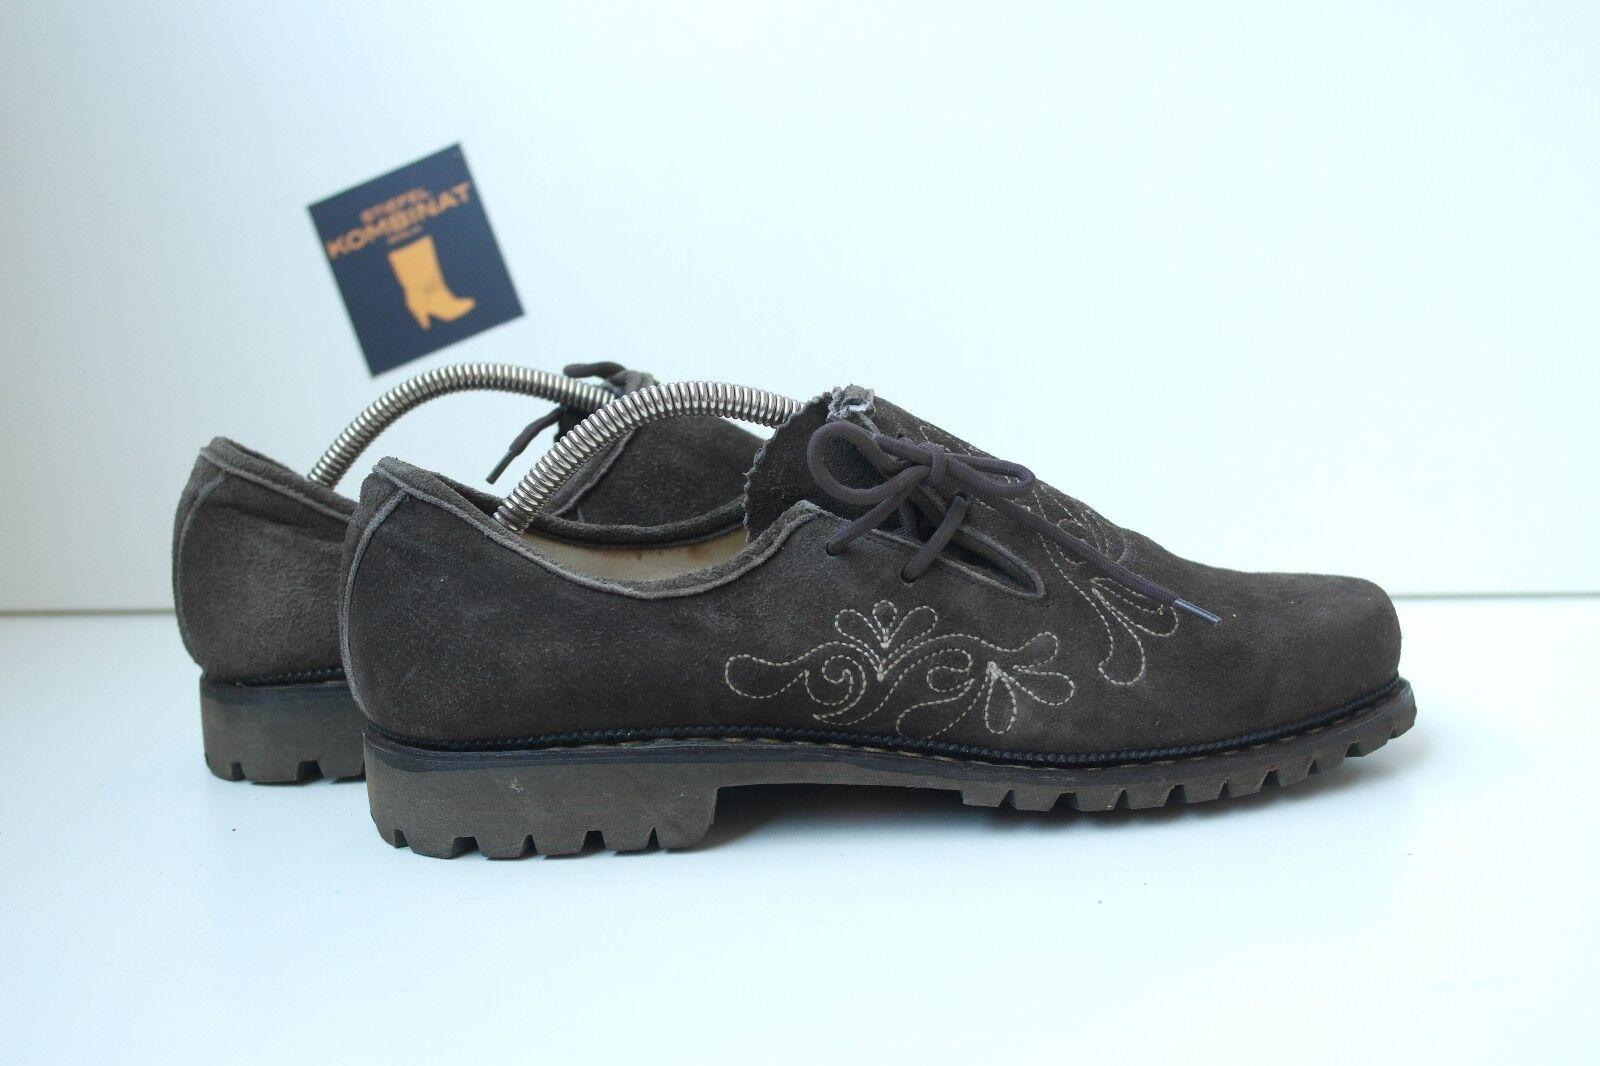 Herren Trachten Schuhe Wiesn braun Halbschuhe TRUE Vintage Folklore braun Wiesn Braun loafer 6fee0c